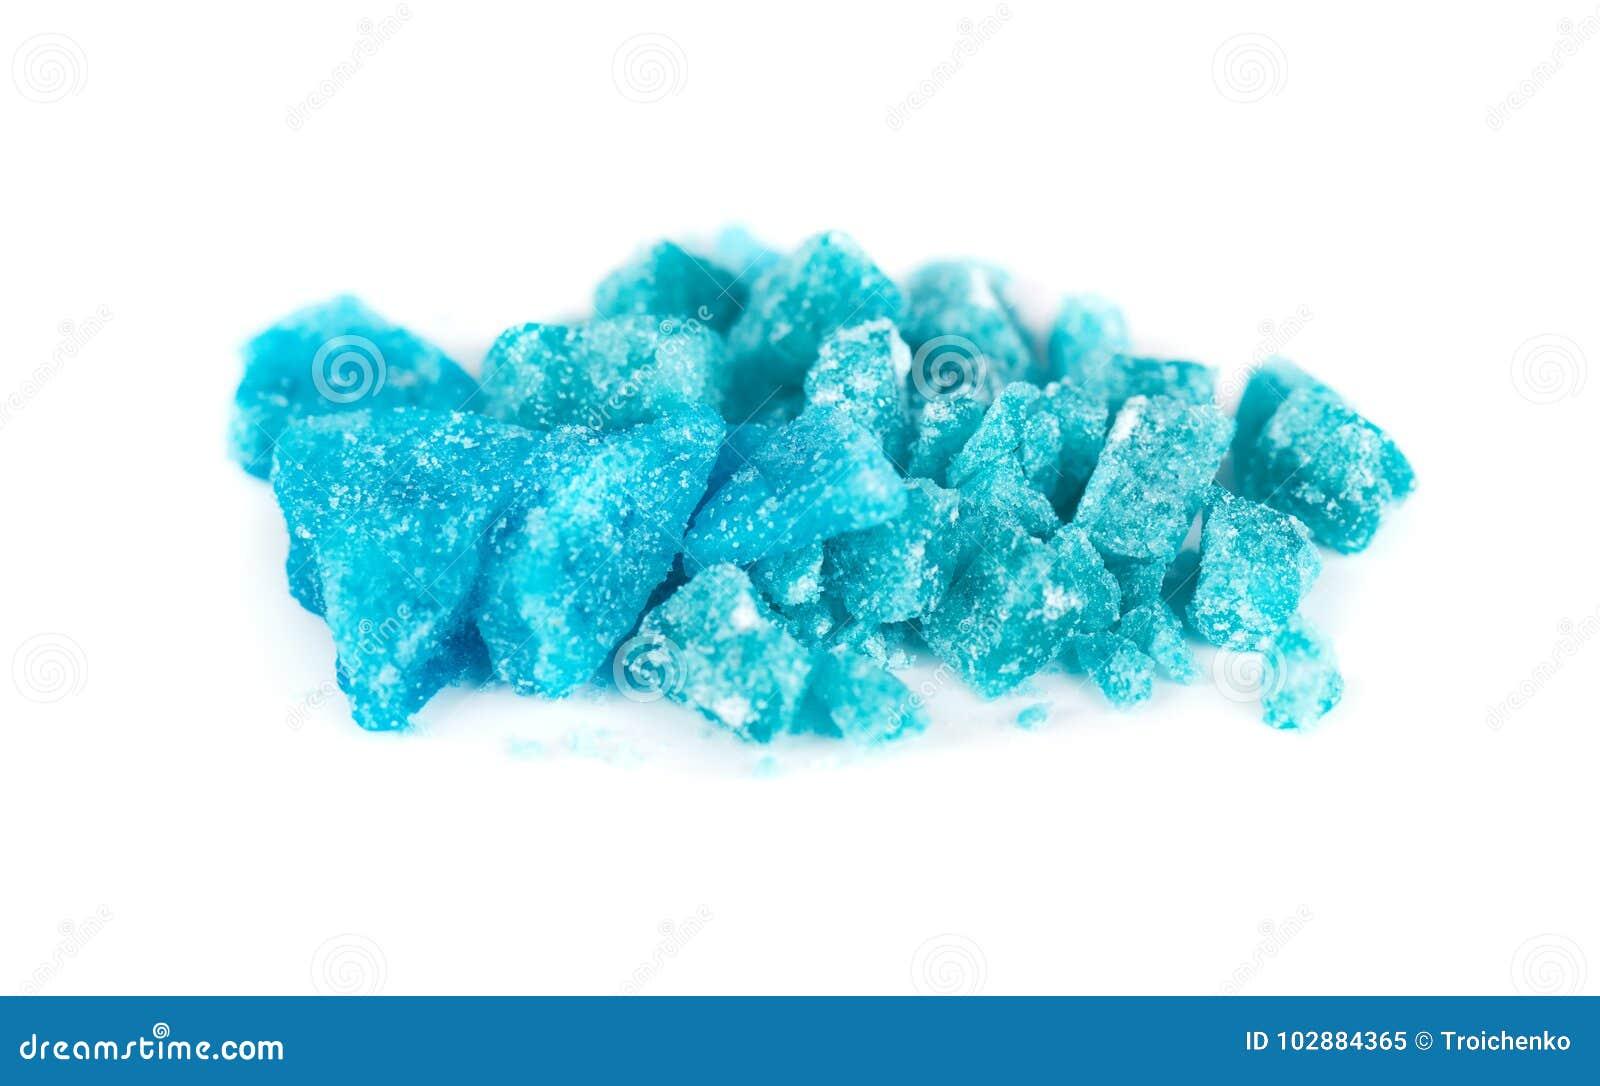 https://thumbs.dreamstime.com/z/cristallo-blu-di-metamfetamina-isolato-su-fondo-bianco-ghiaccio-sale-da-bagno-droga-meth-102884365.jpg